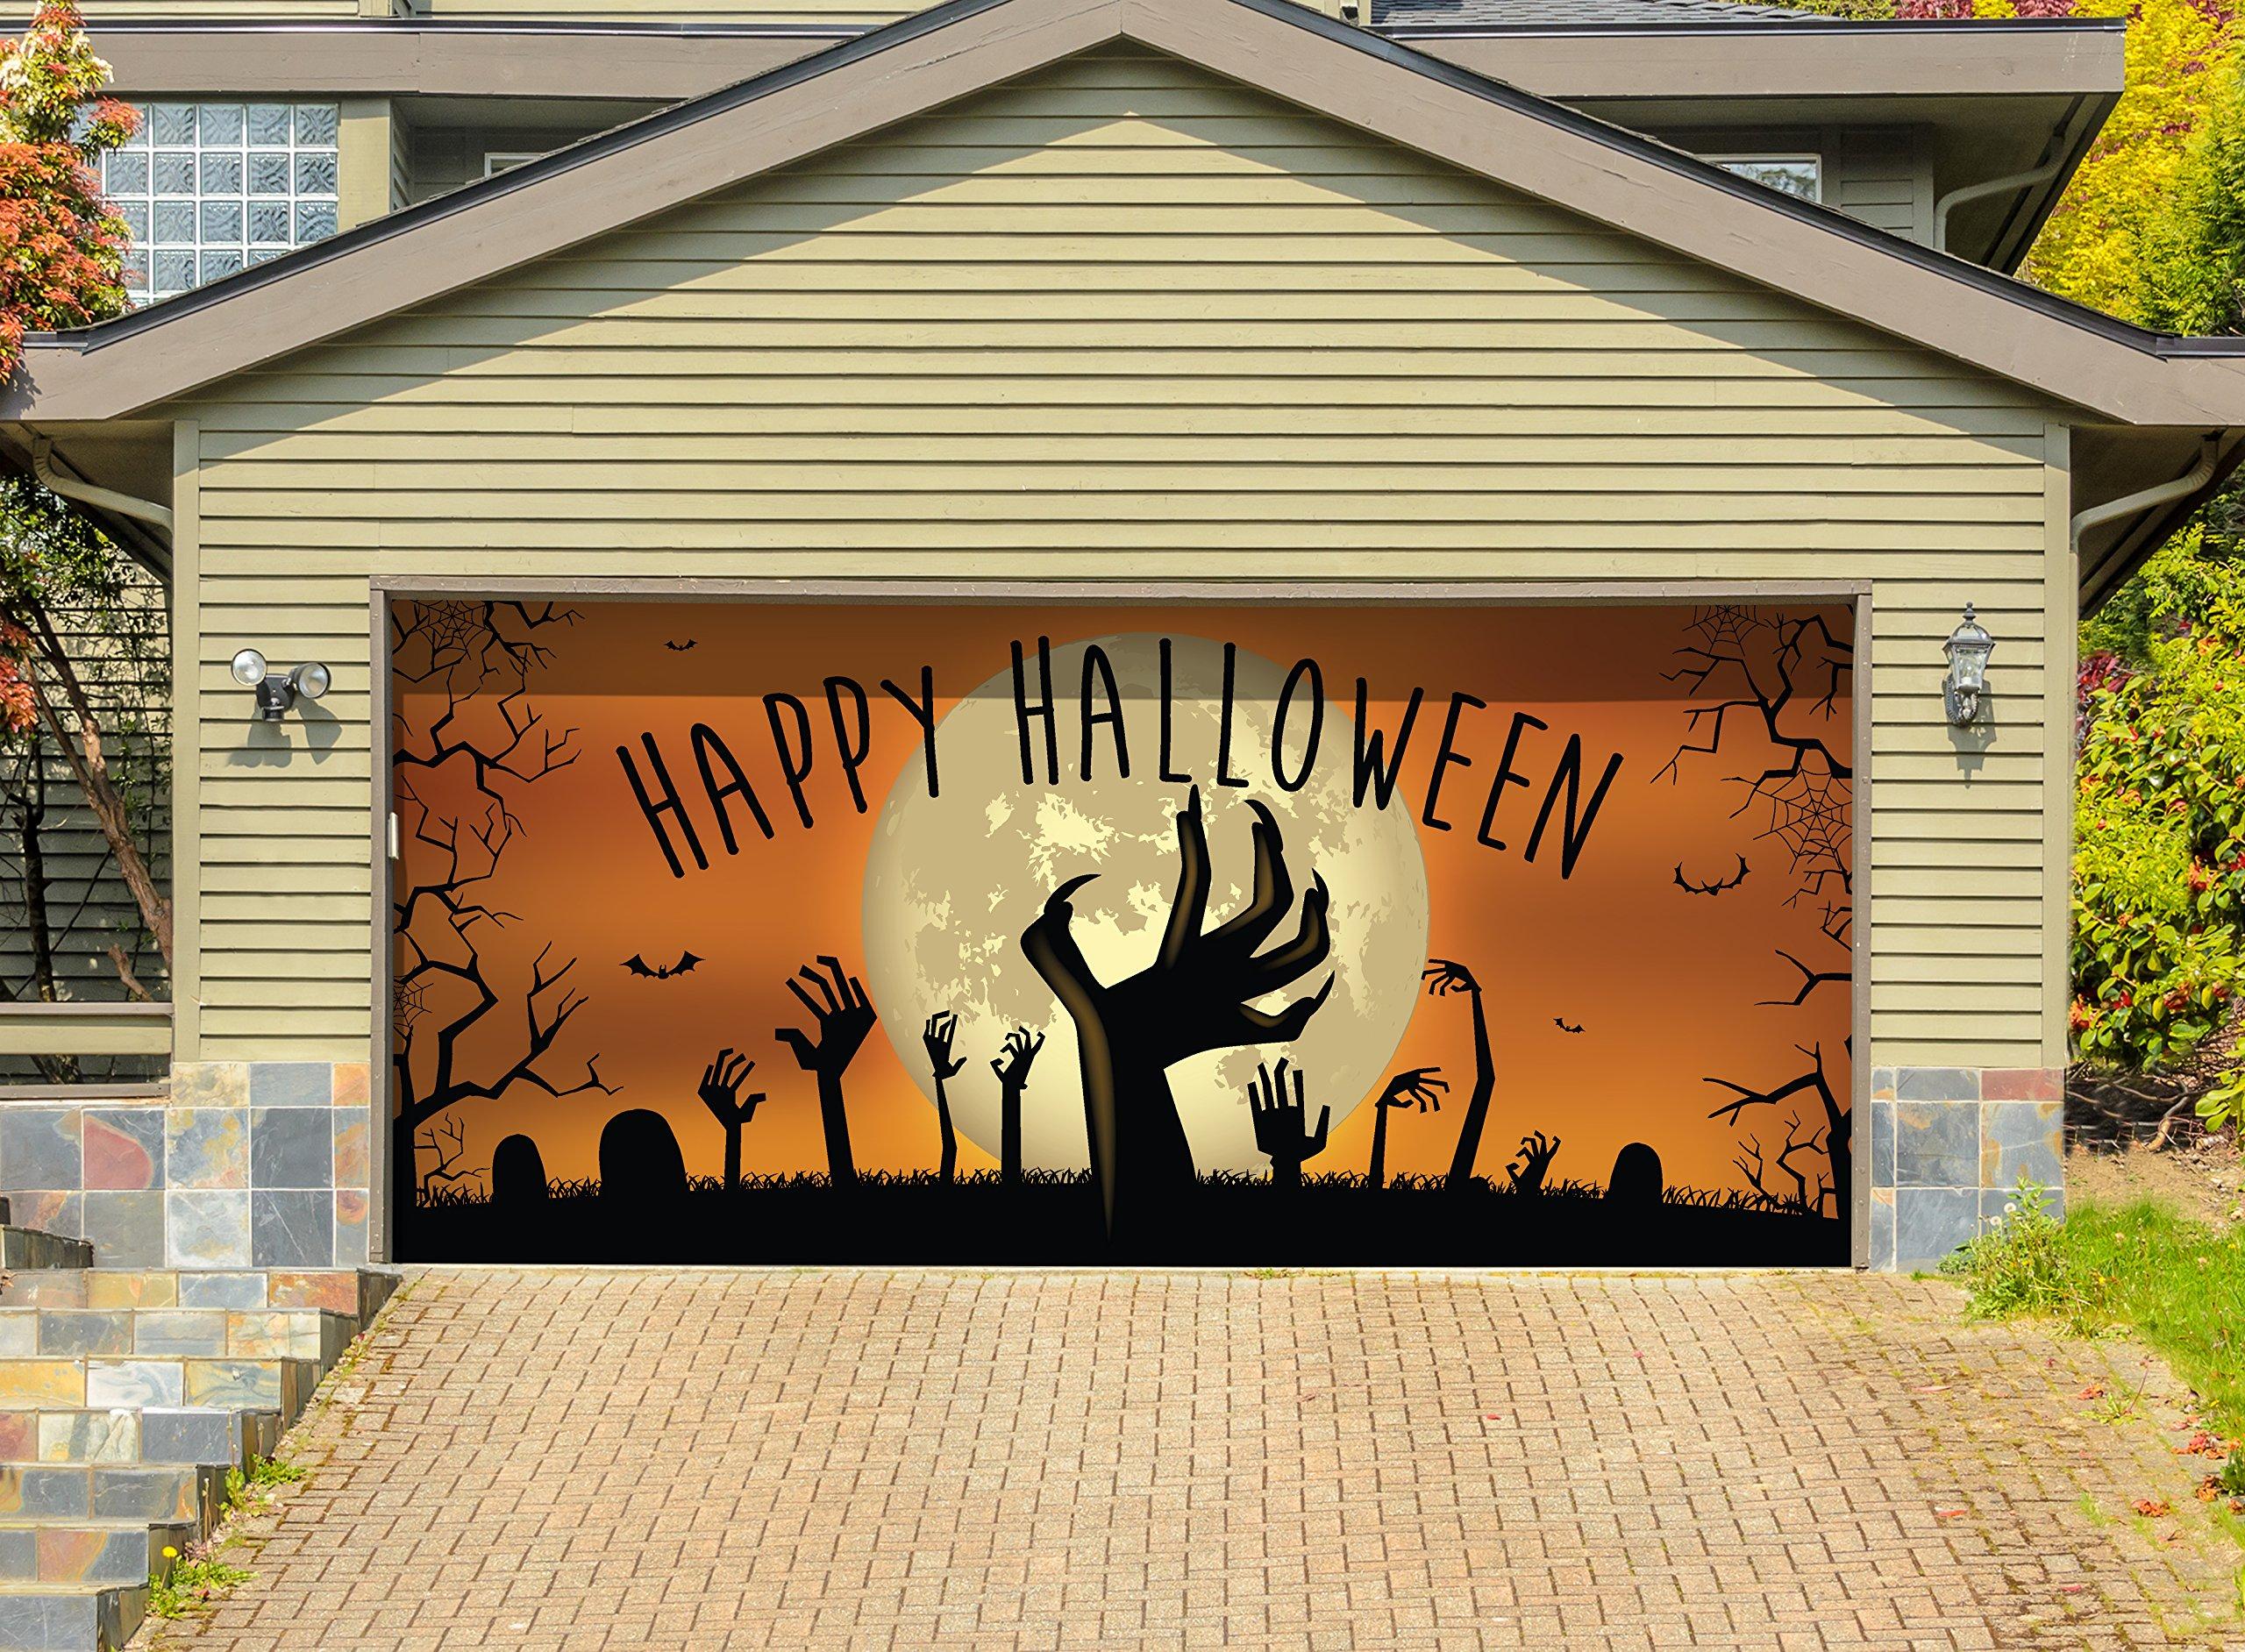 Outdoor Halloween Holiday Garage Door Banner Cover Mural Décoration - Happy Halloween Graveyard Zombie Hands - Outdoor Halloween Holiday Garage Door Banner Décor Sign 7'x 16'